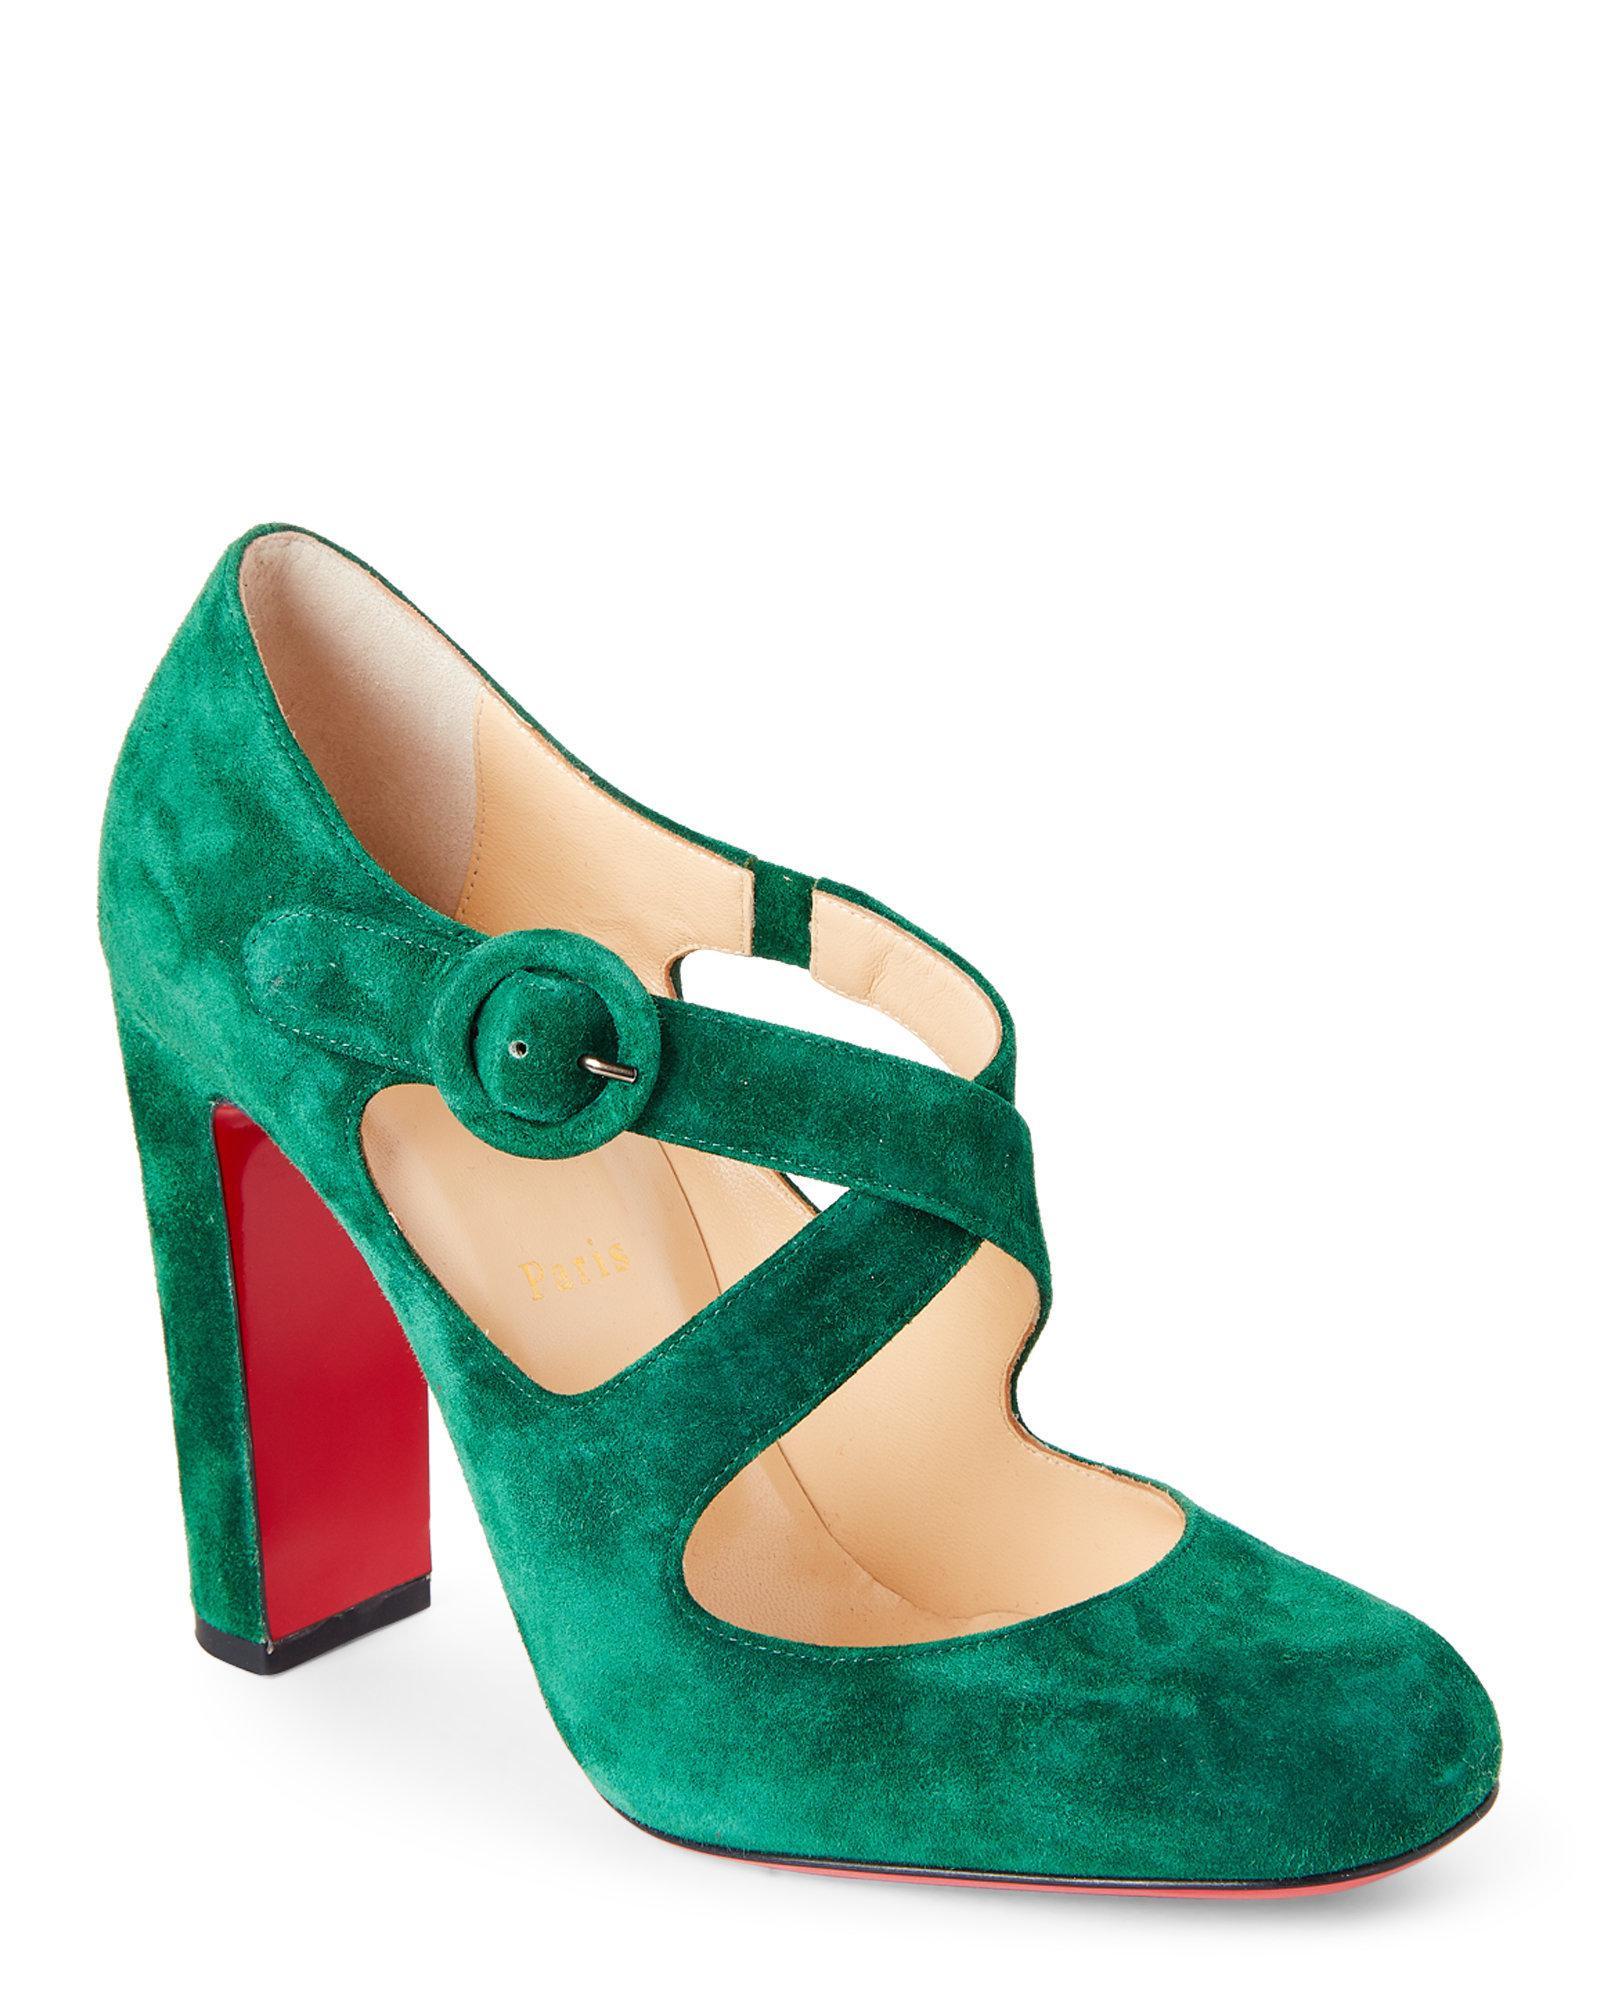 fa5ac8eef82 Lyst - Christian Louboutin Miss Ellen Crisscross Suede Pumps in Green